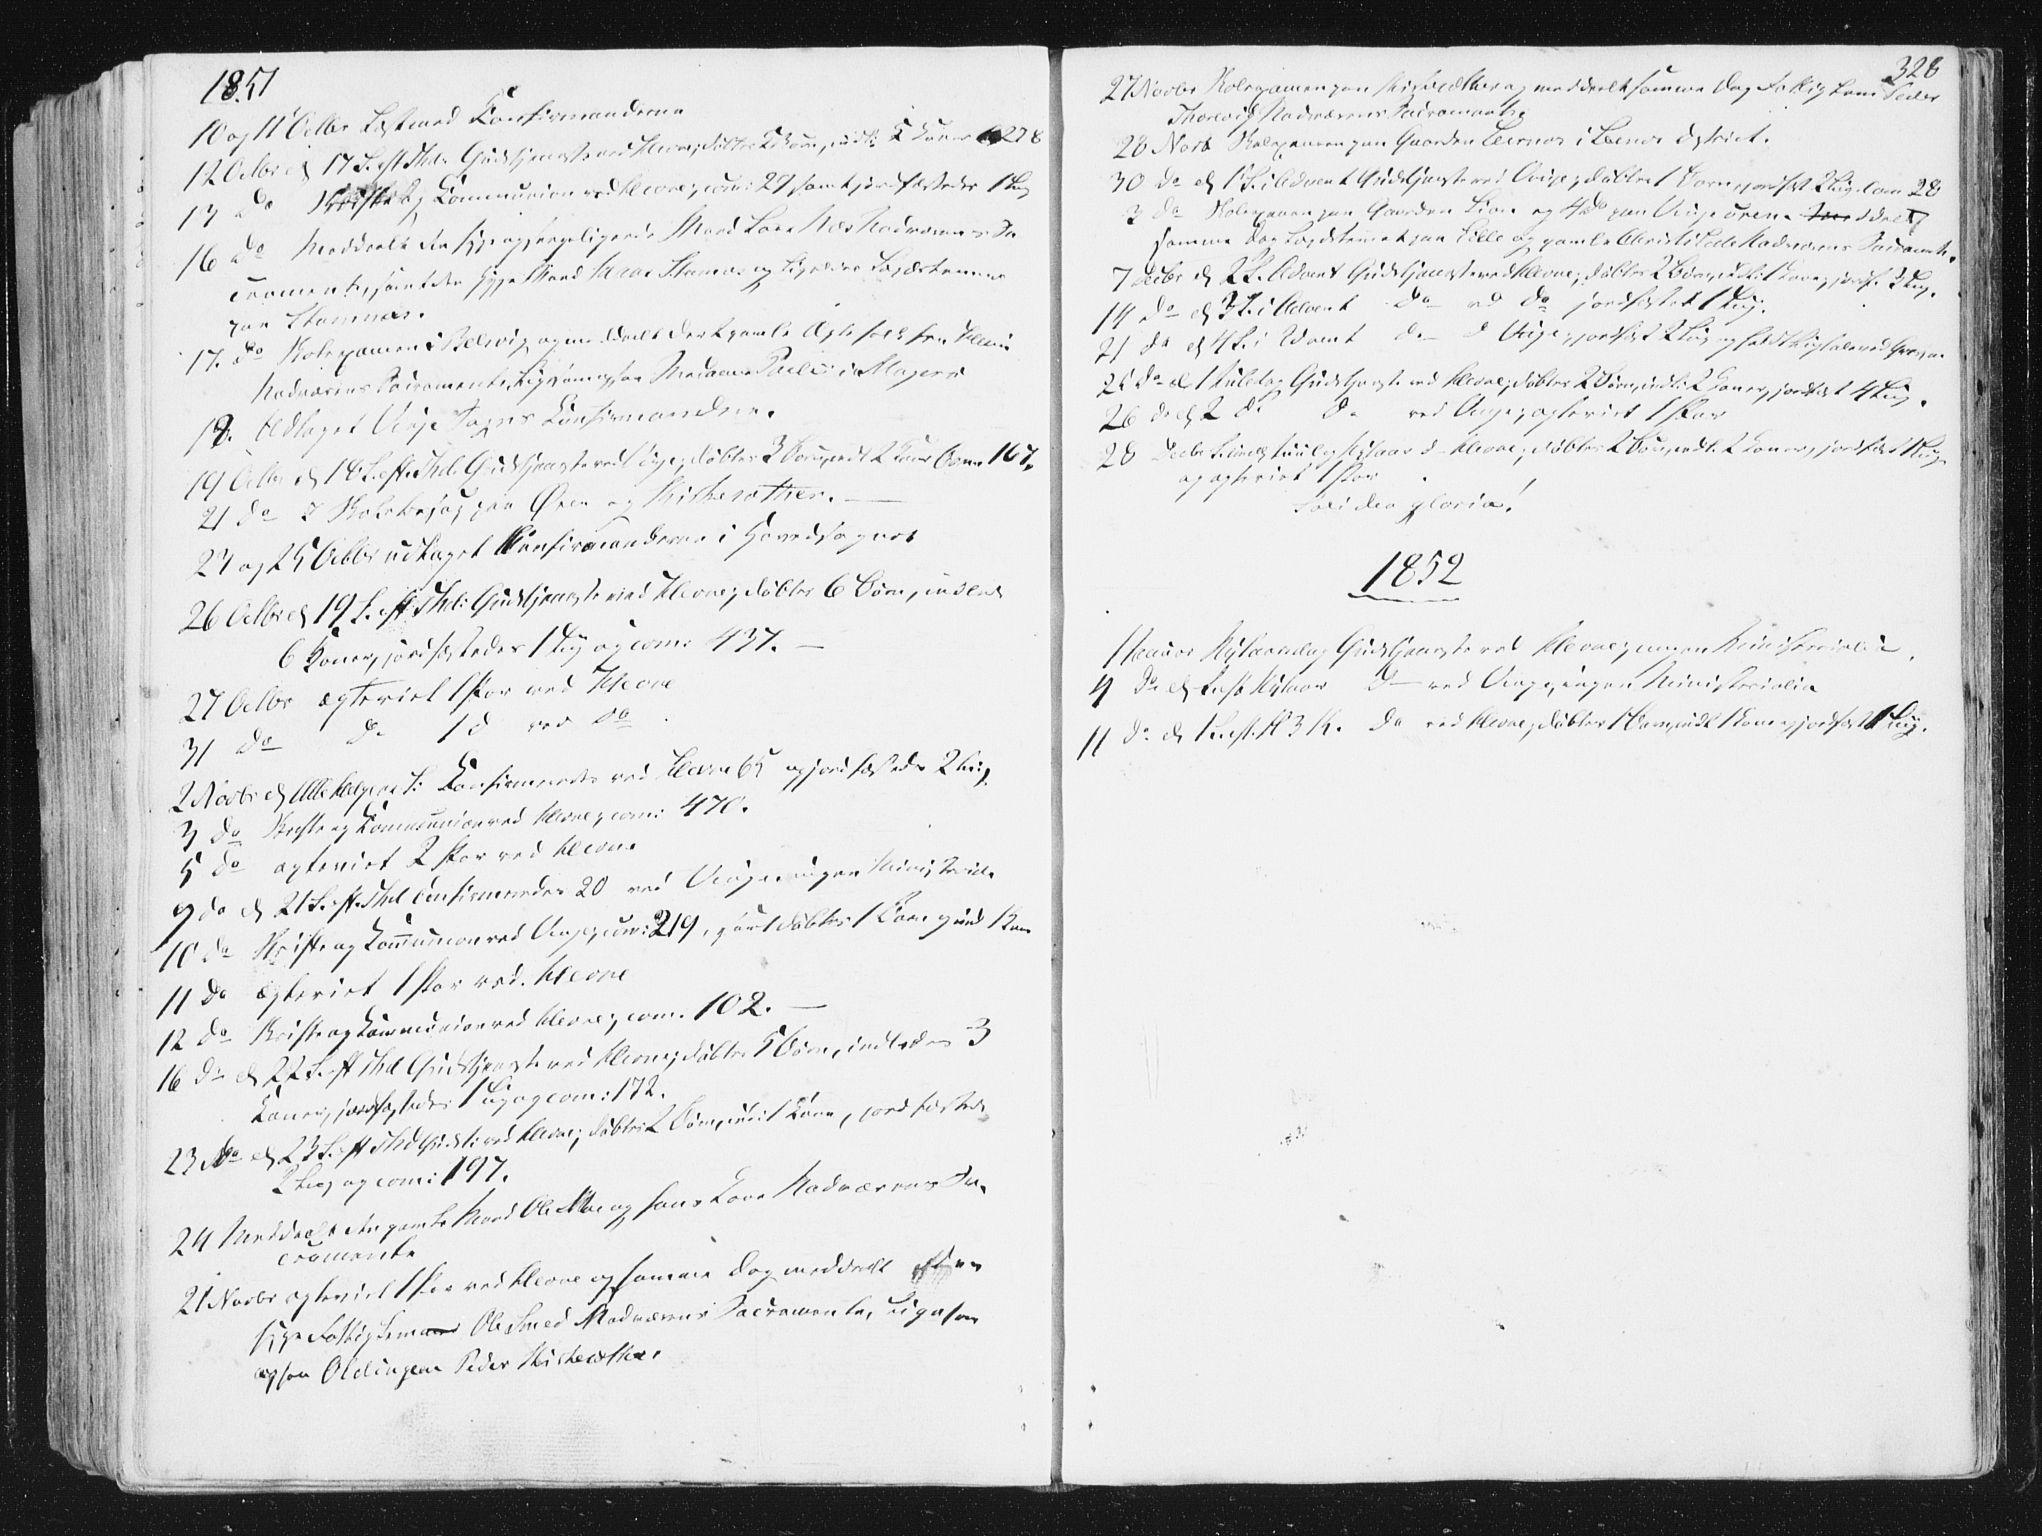 SAT, Ministerialprotokoller, klokkerbøker og fødselsregistre - Sør-Trøndelag, 630/L0493: Ministerialbok nr. 630A06, 1841-1851, s. 328